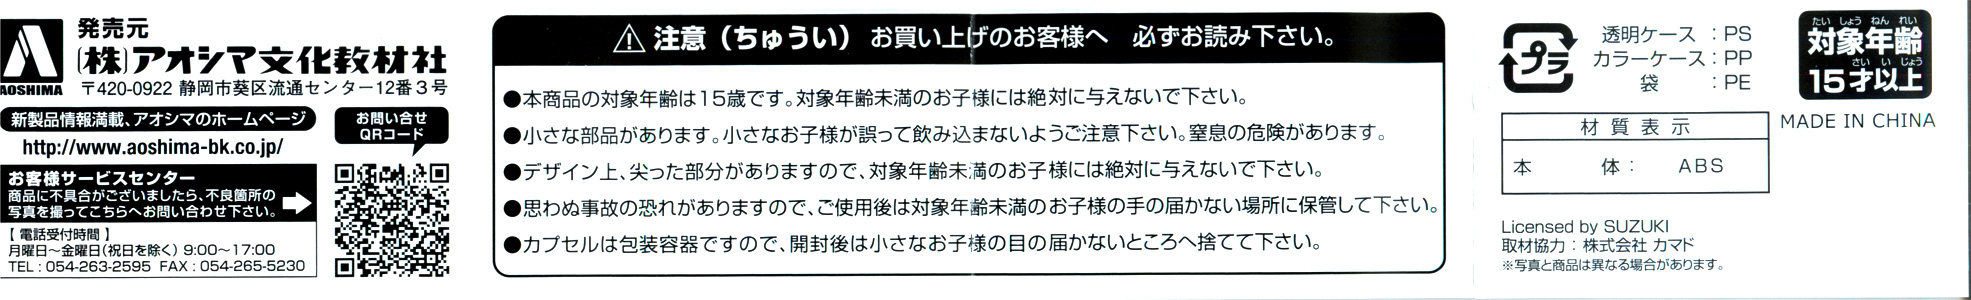 1/64 ジムニーコレクション JB64 [アオシマ文化教材社]